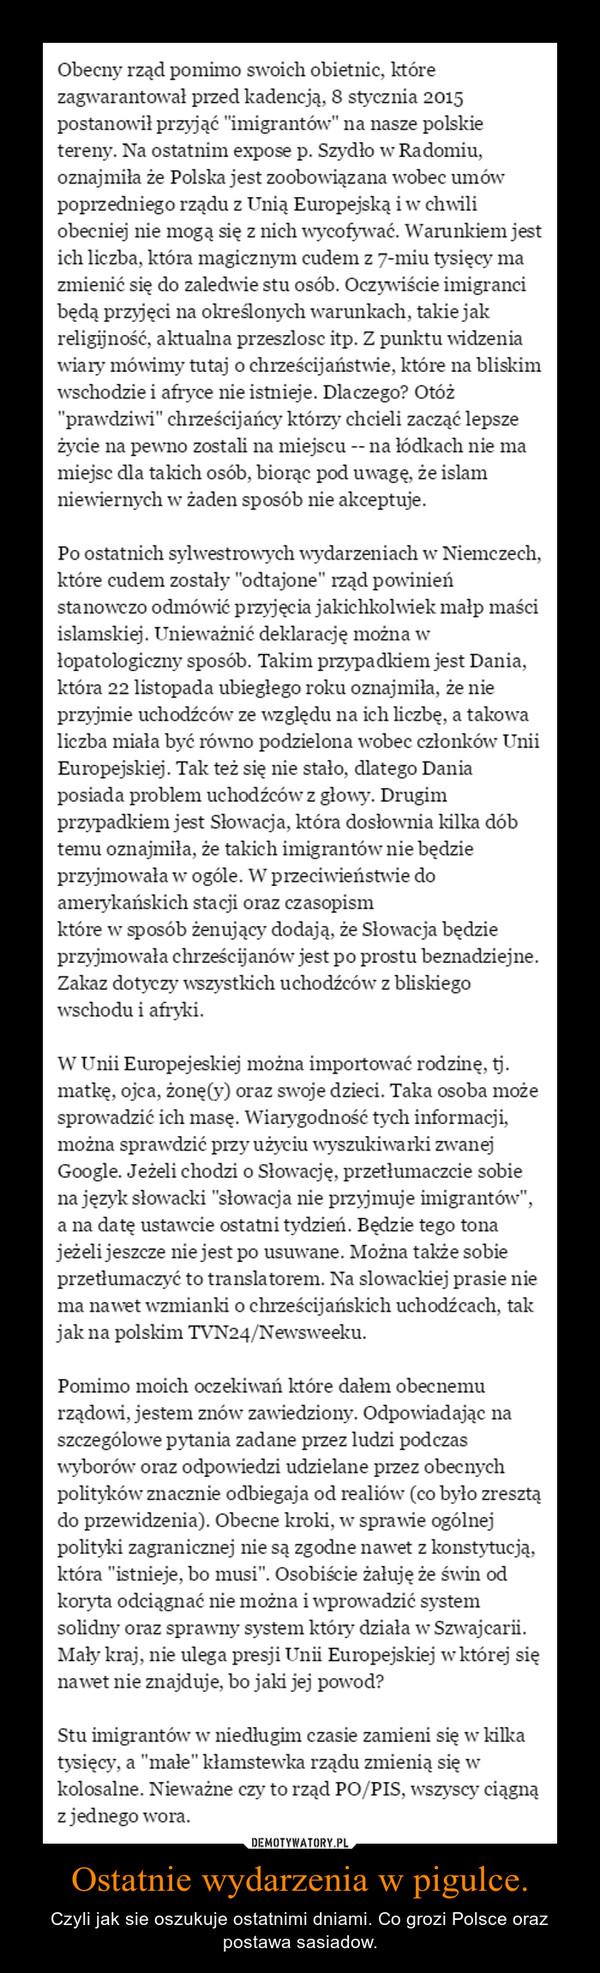 Ostatnie wydarzenia w pigulce. – Czyli jak sie oszukuje ostatnimi dniami. Co grozi Polsce oraz postawa sasiadow.